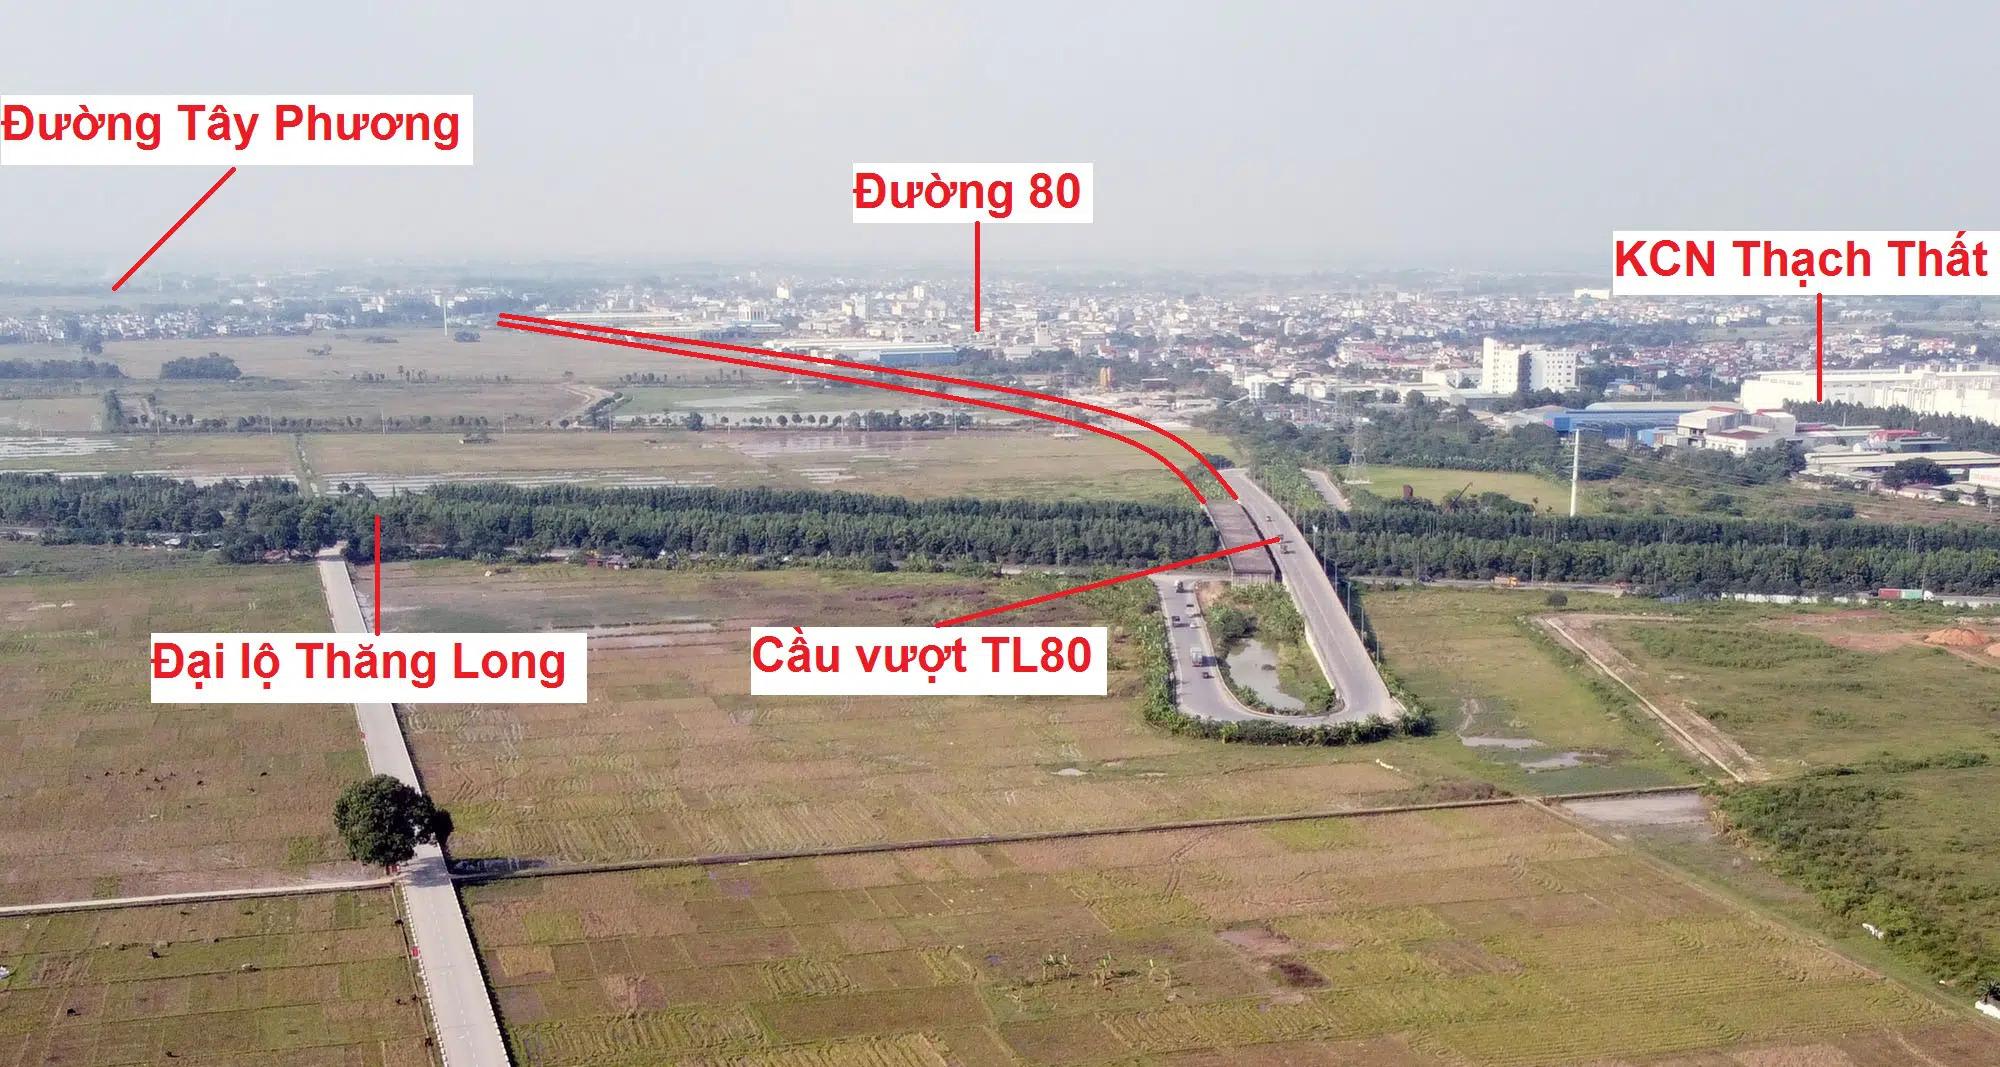 Đấu giá hai mảnh đất tại huyện Thạch Thất, Hà Nội - Ảnh 1.